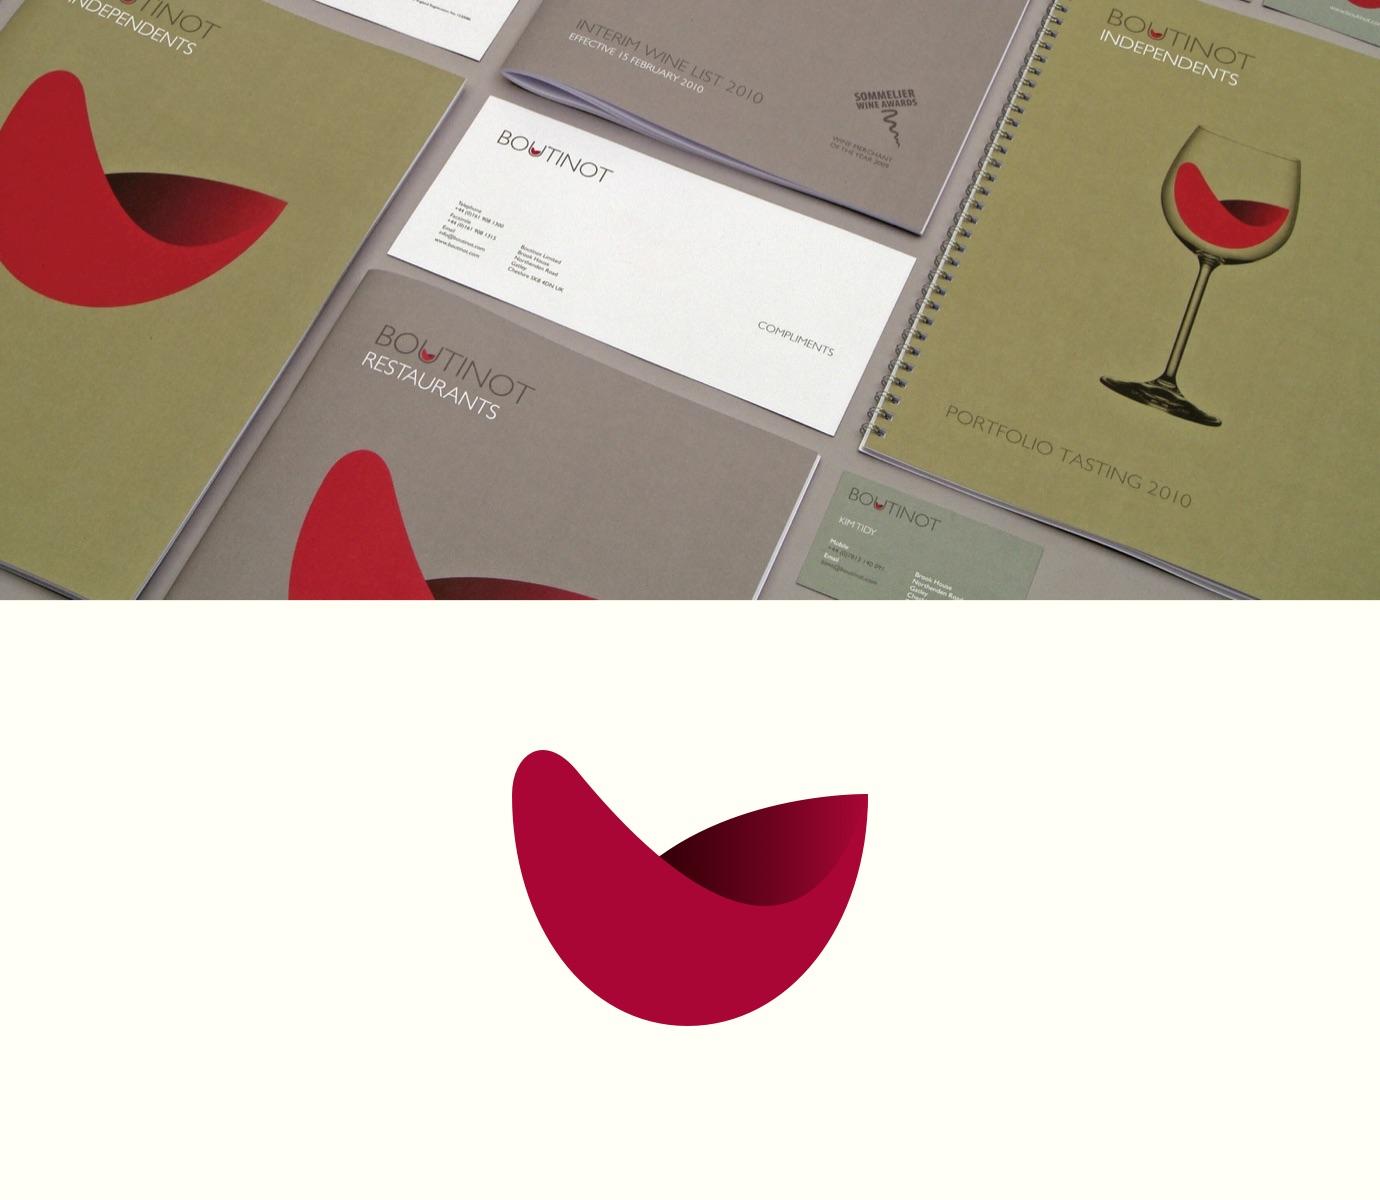 Boutinot logo development